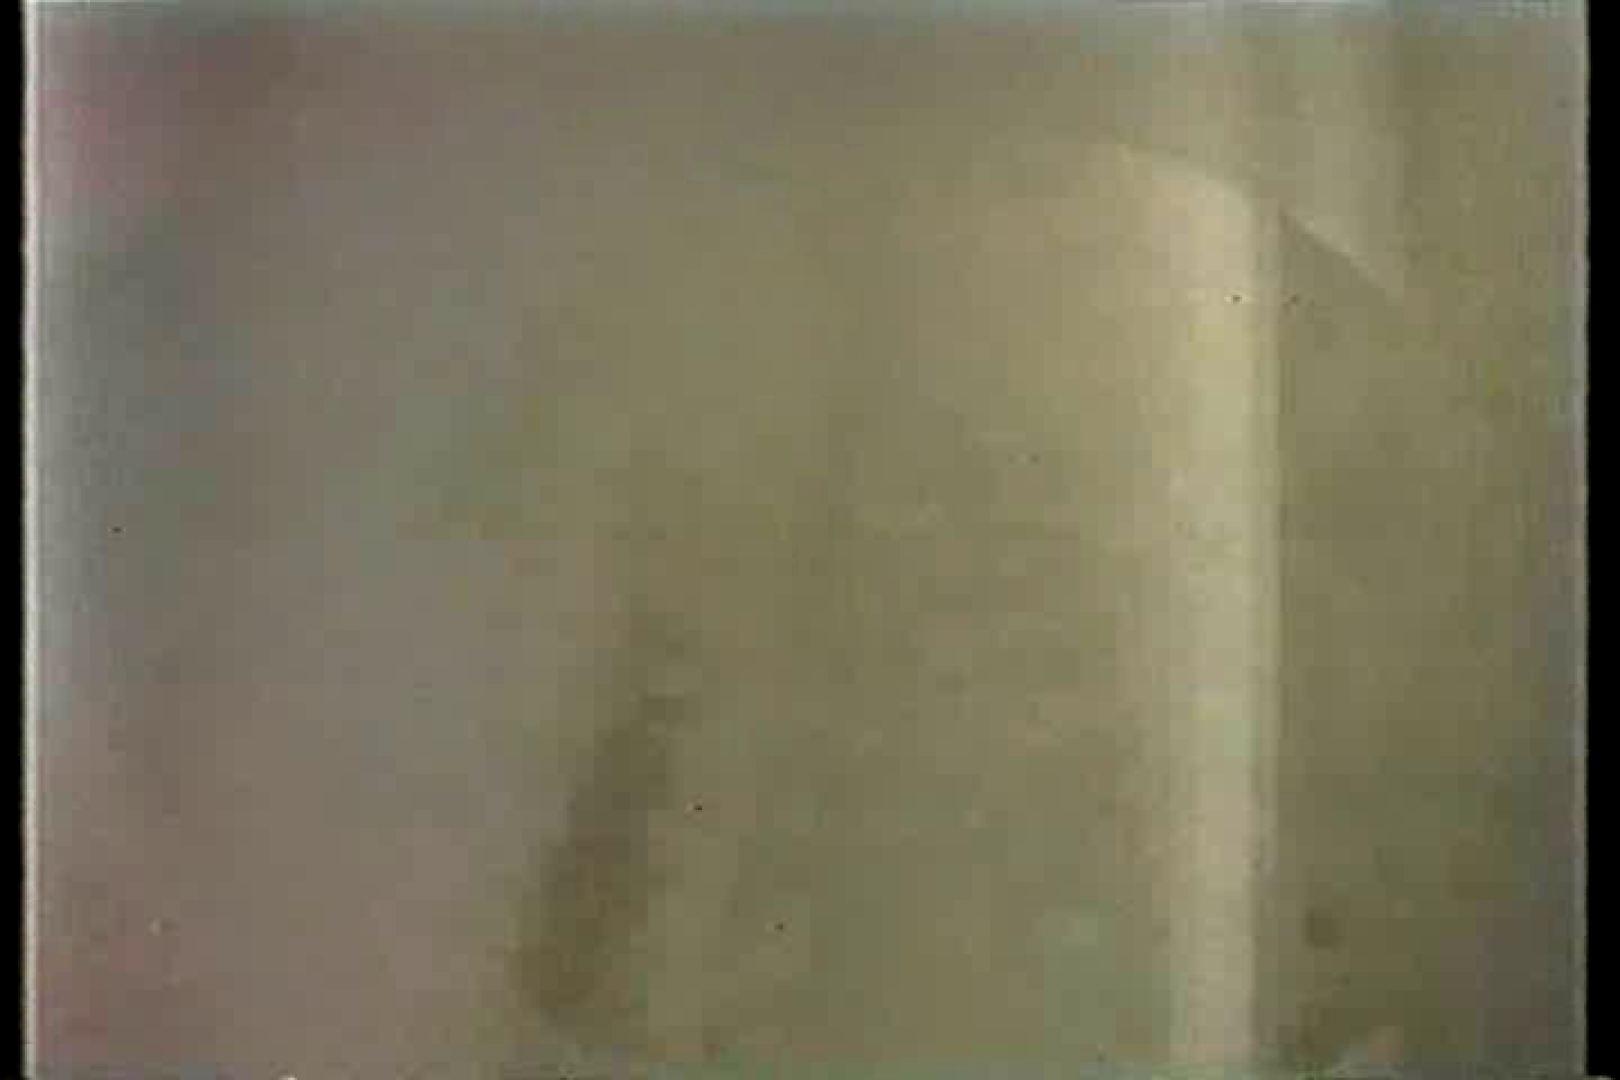 深夜の撮影会Vol.6 覗き 盗み撮り動画キャプチャ 24連発 8